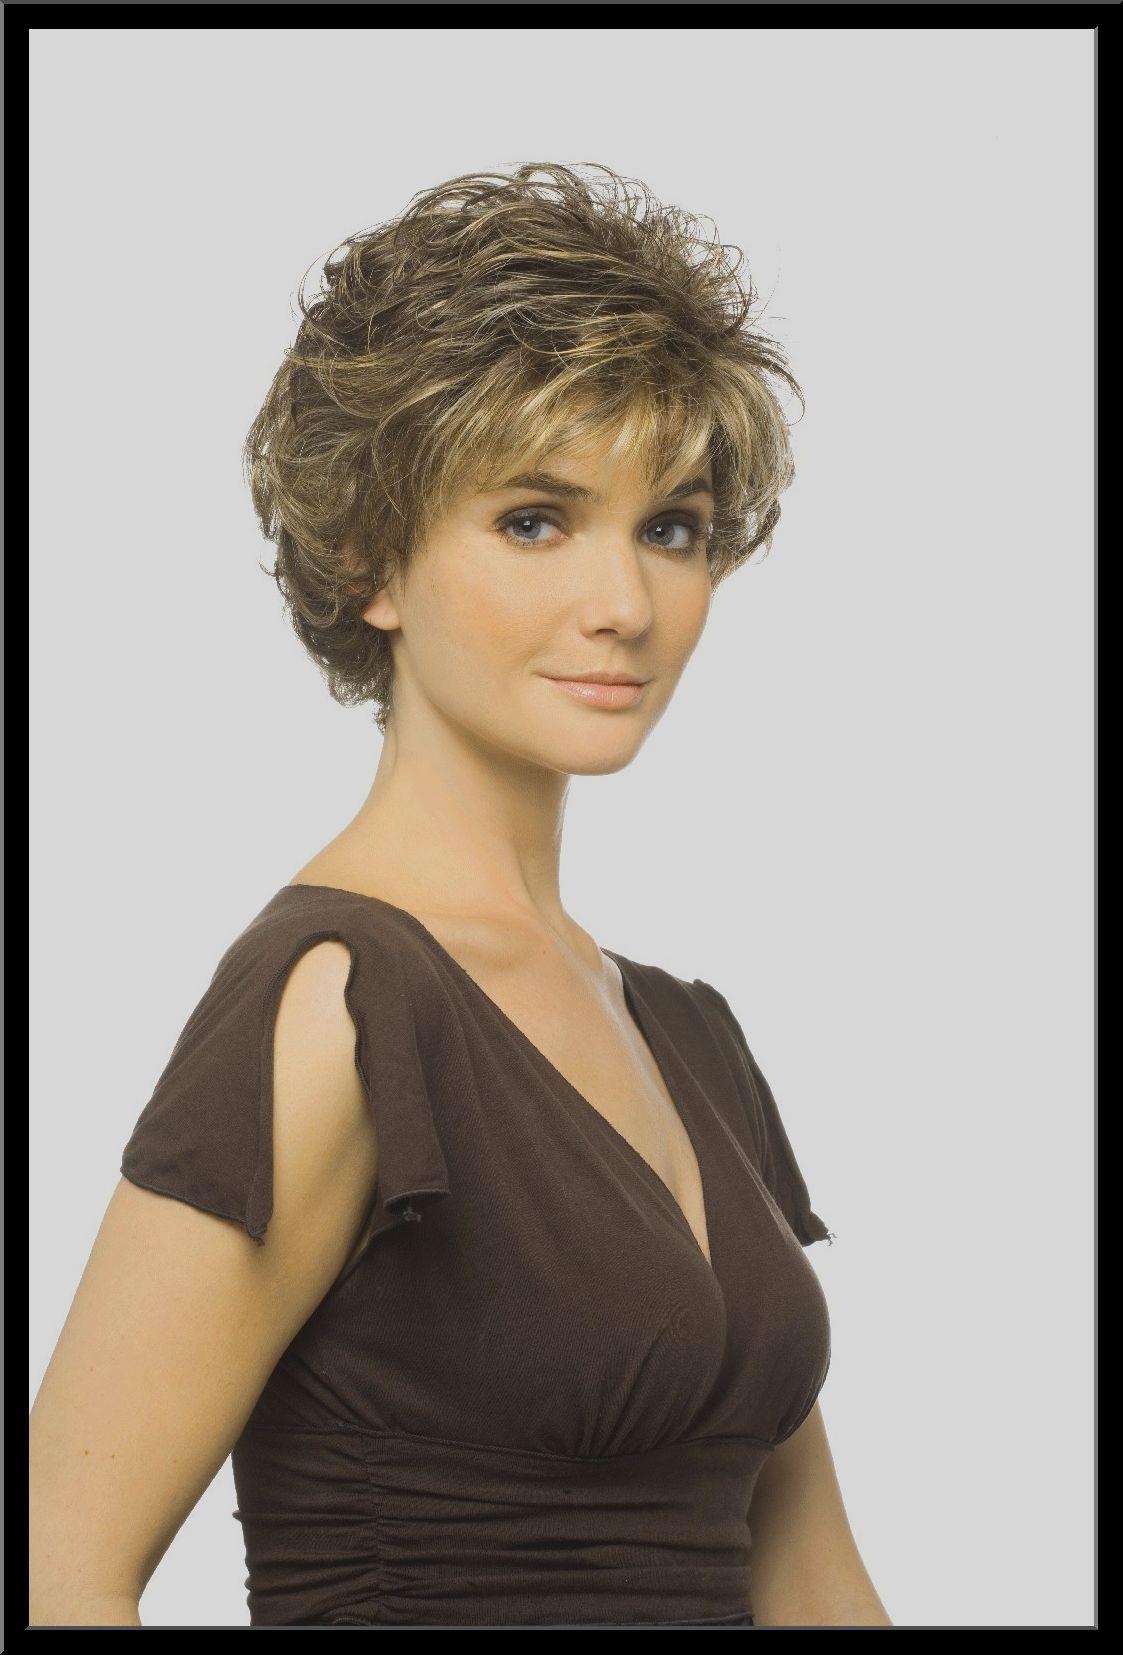 coiffure courte 2016 femme 60 ans